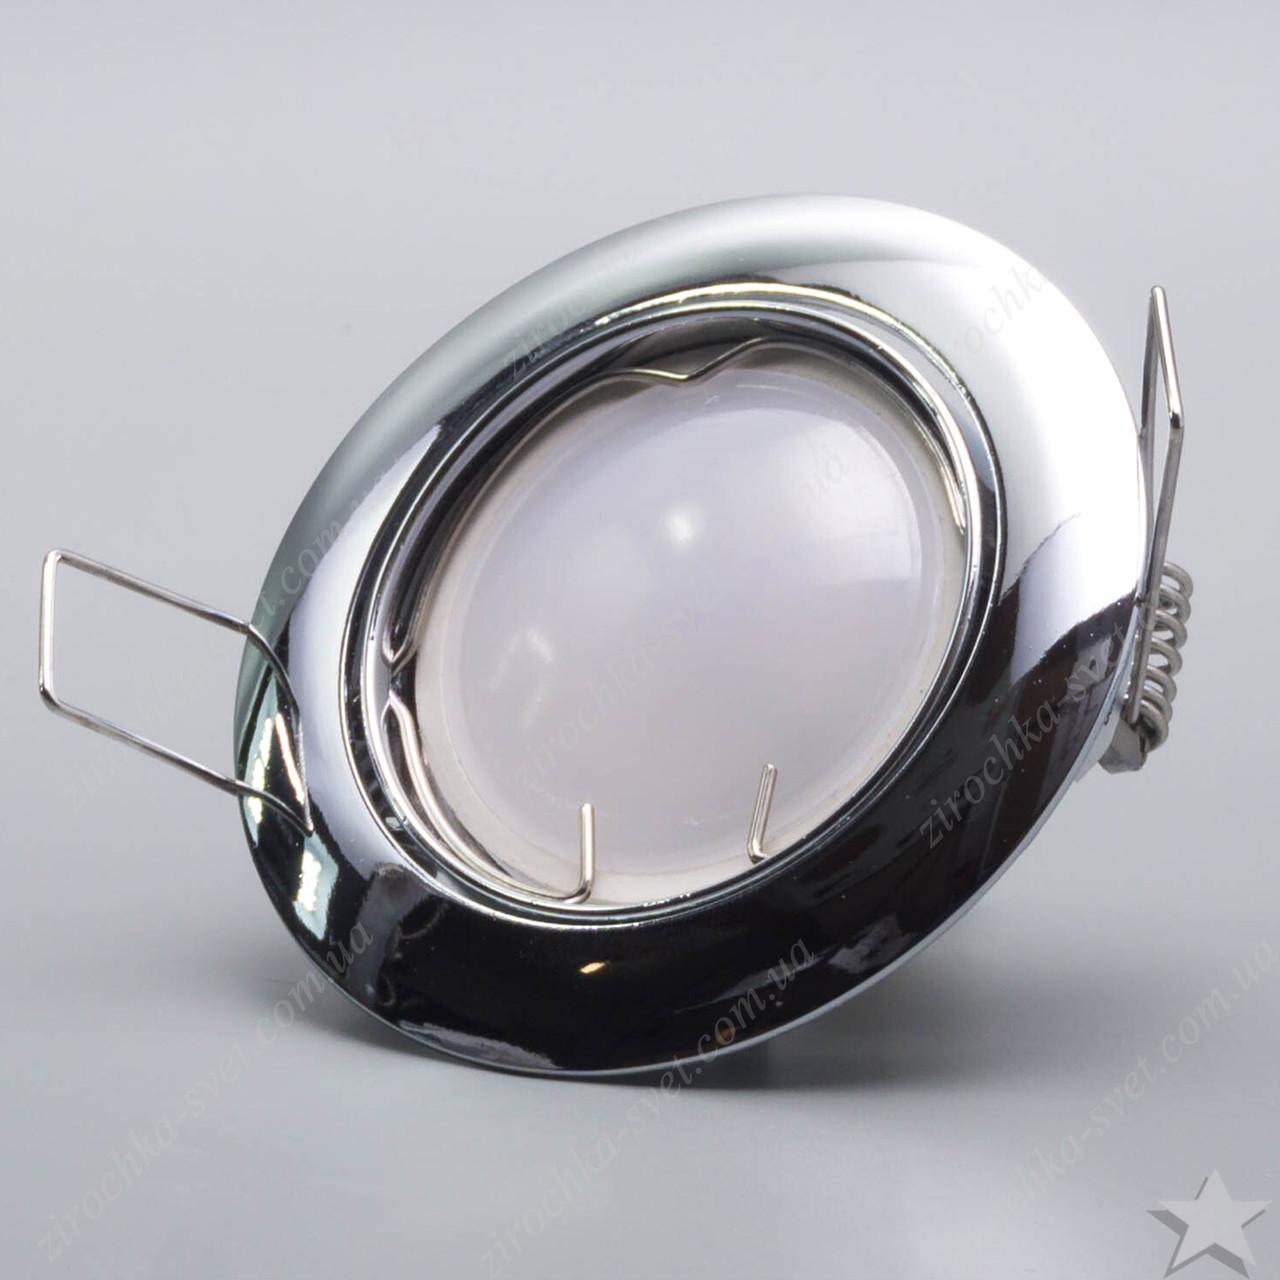 Светильник встраиваемый поворотный Feron DL308 хром под лампу MR16